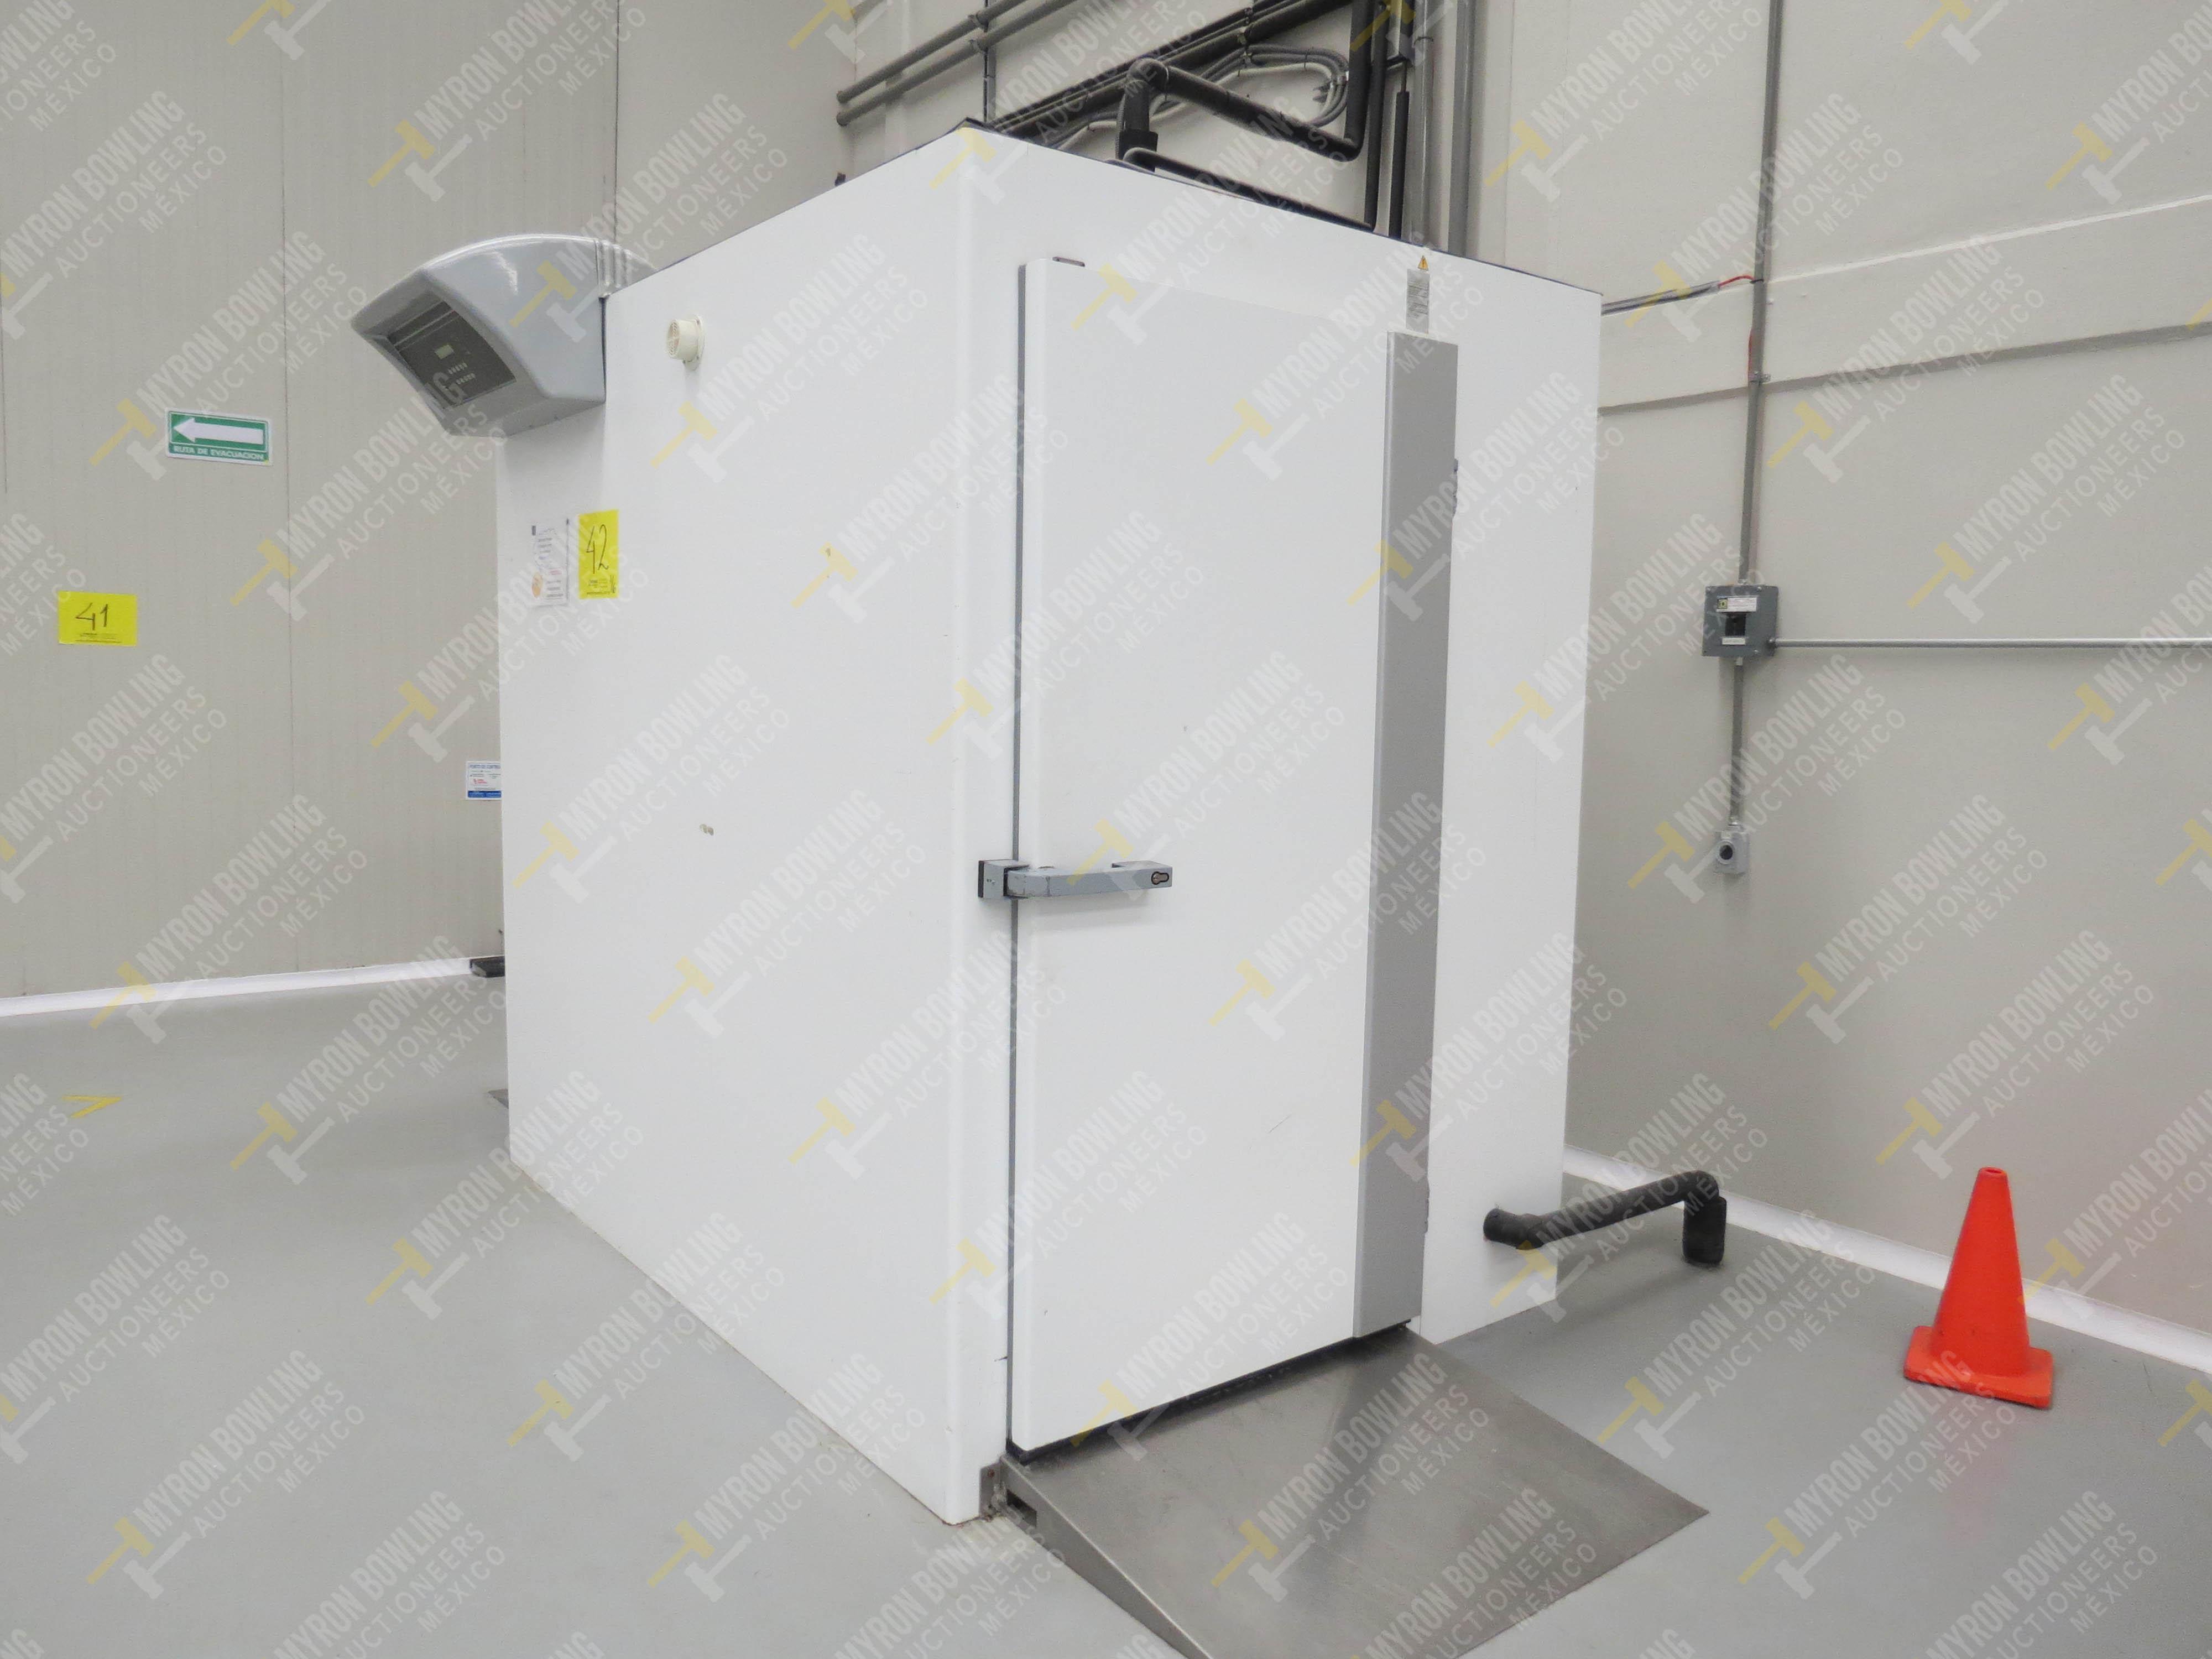 Túnel de congelación de alimentos marca Criocabin, Modelo G130020, No. de Serie 29535666 … - Image 2 of 12